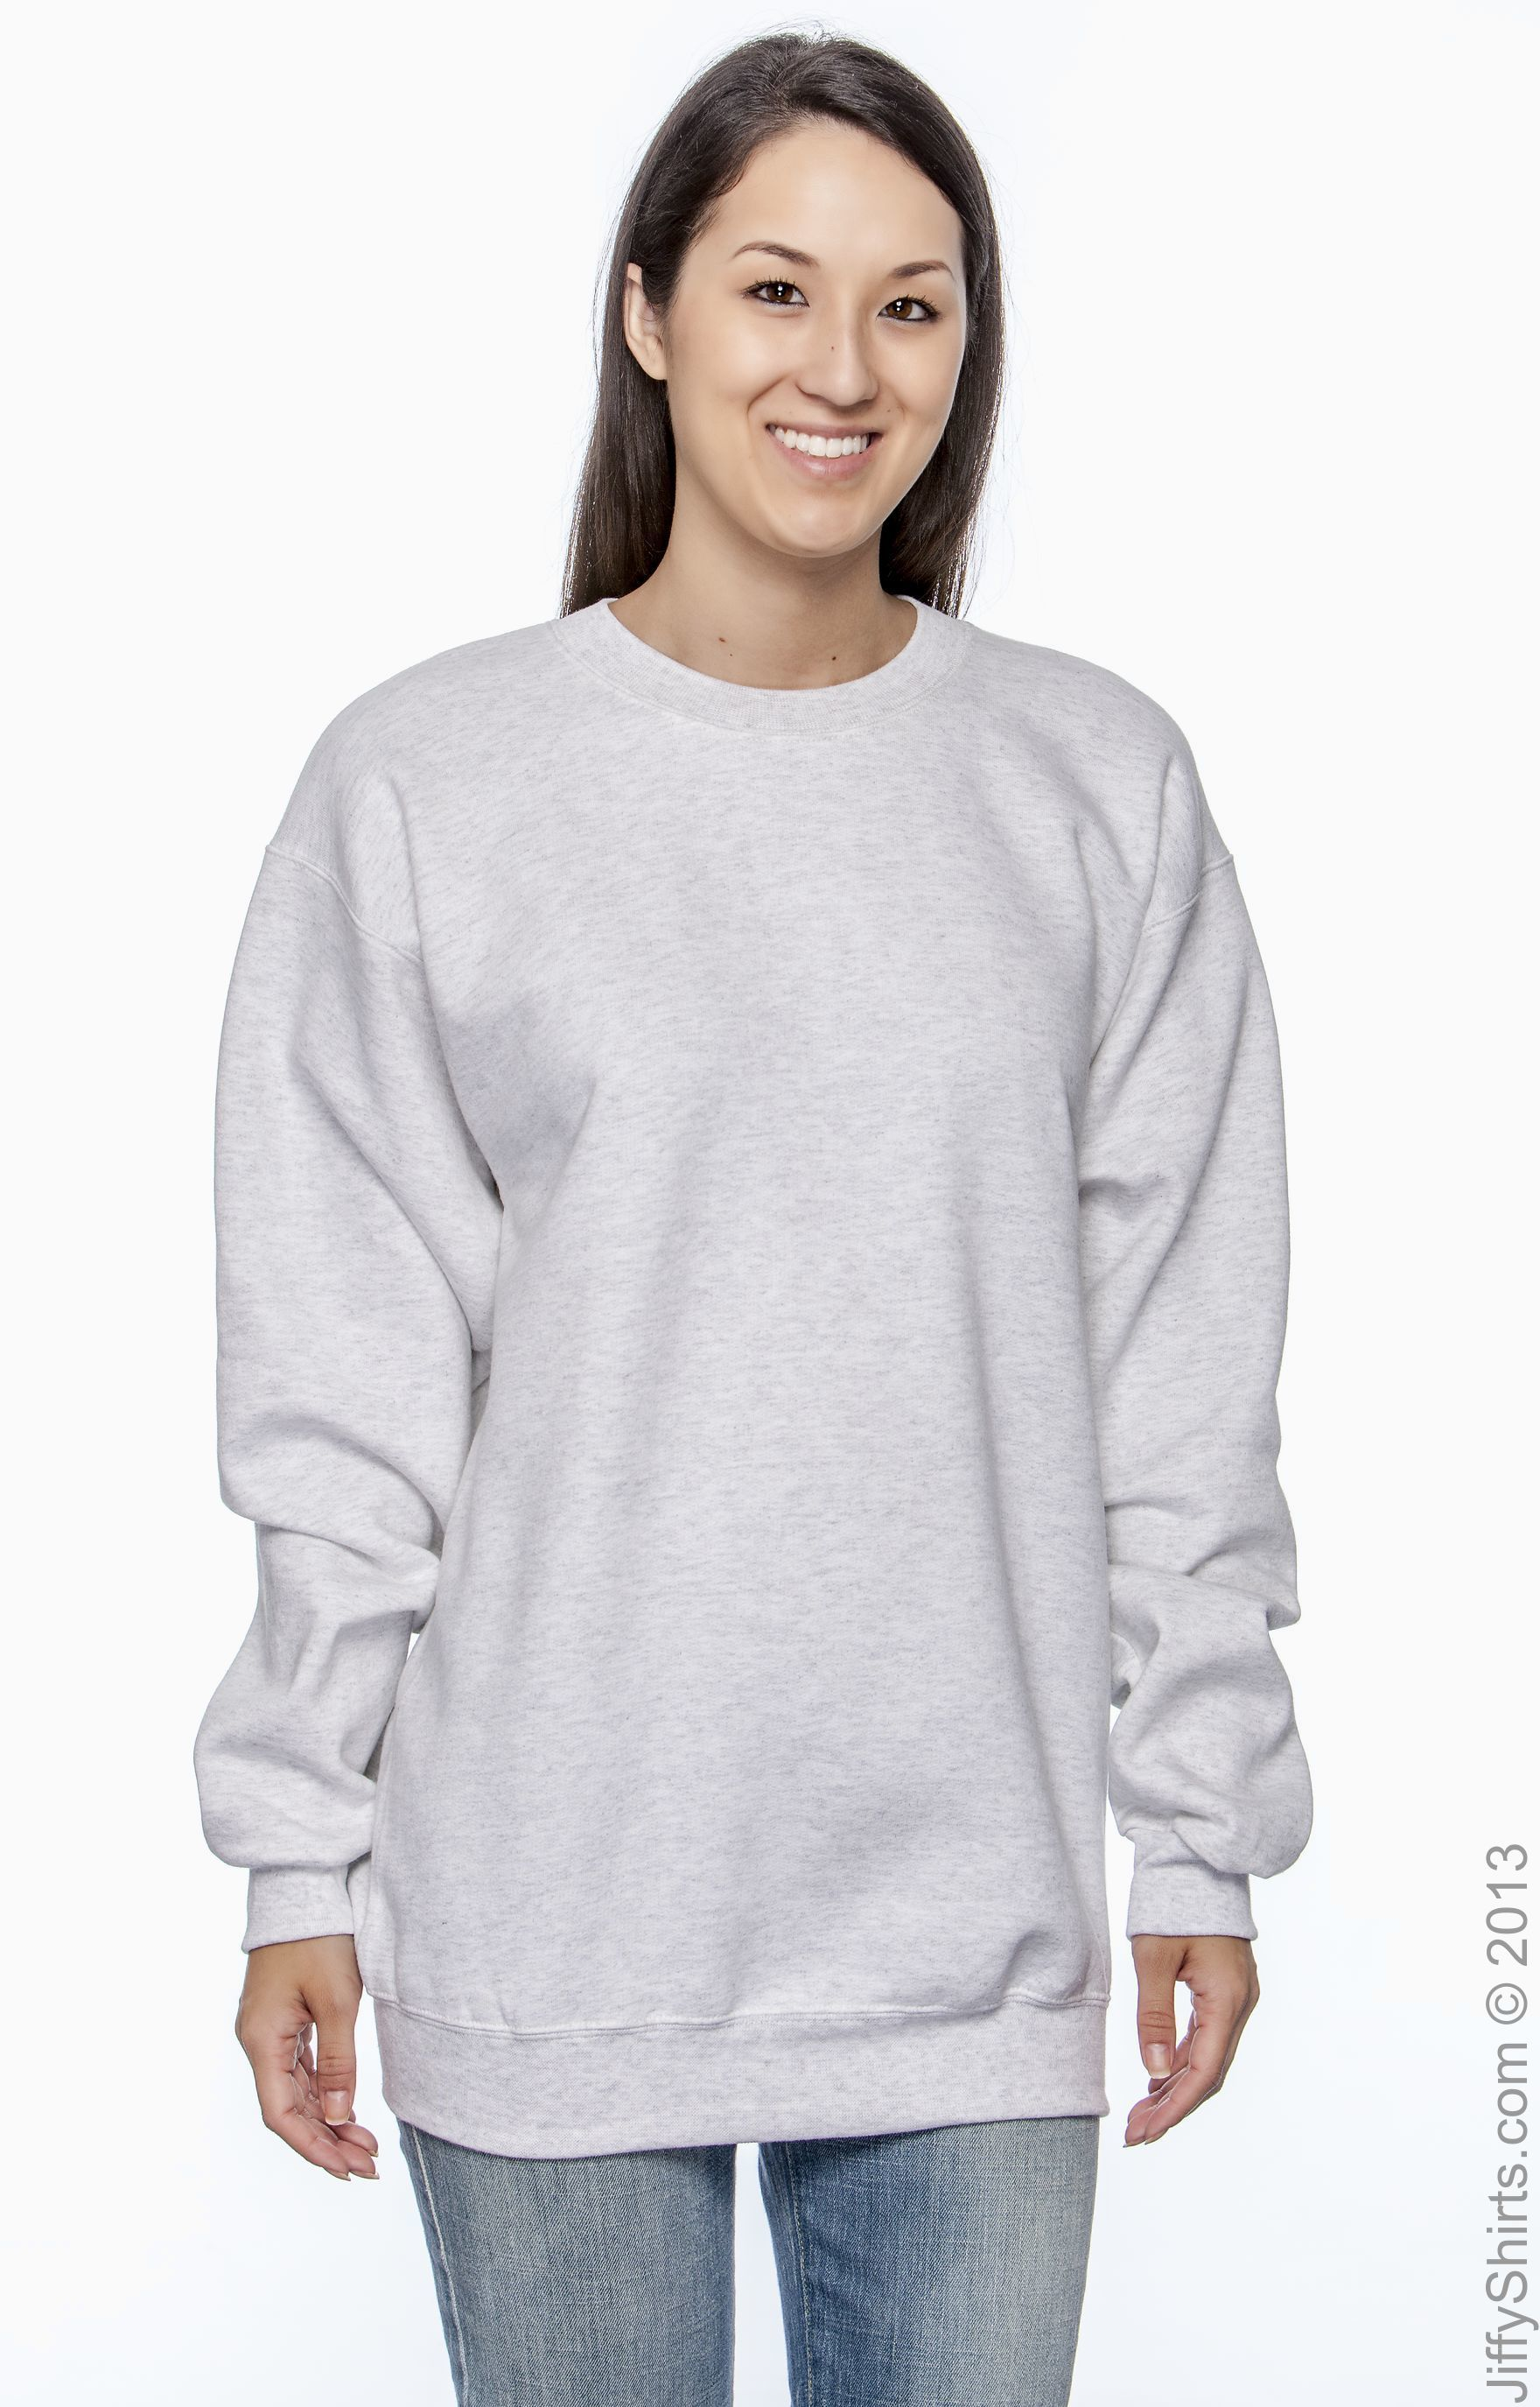 Hanes Ultimate Cotton Crewneck Adult Sweatshirt Size M,L,XL